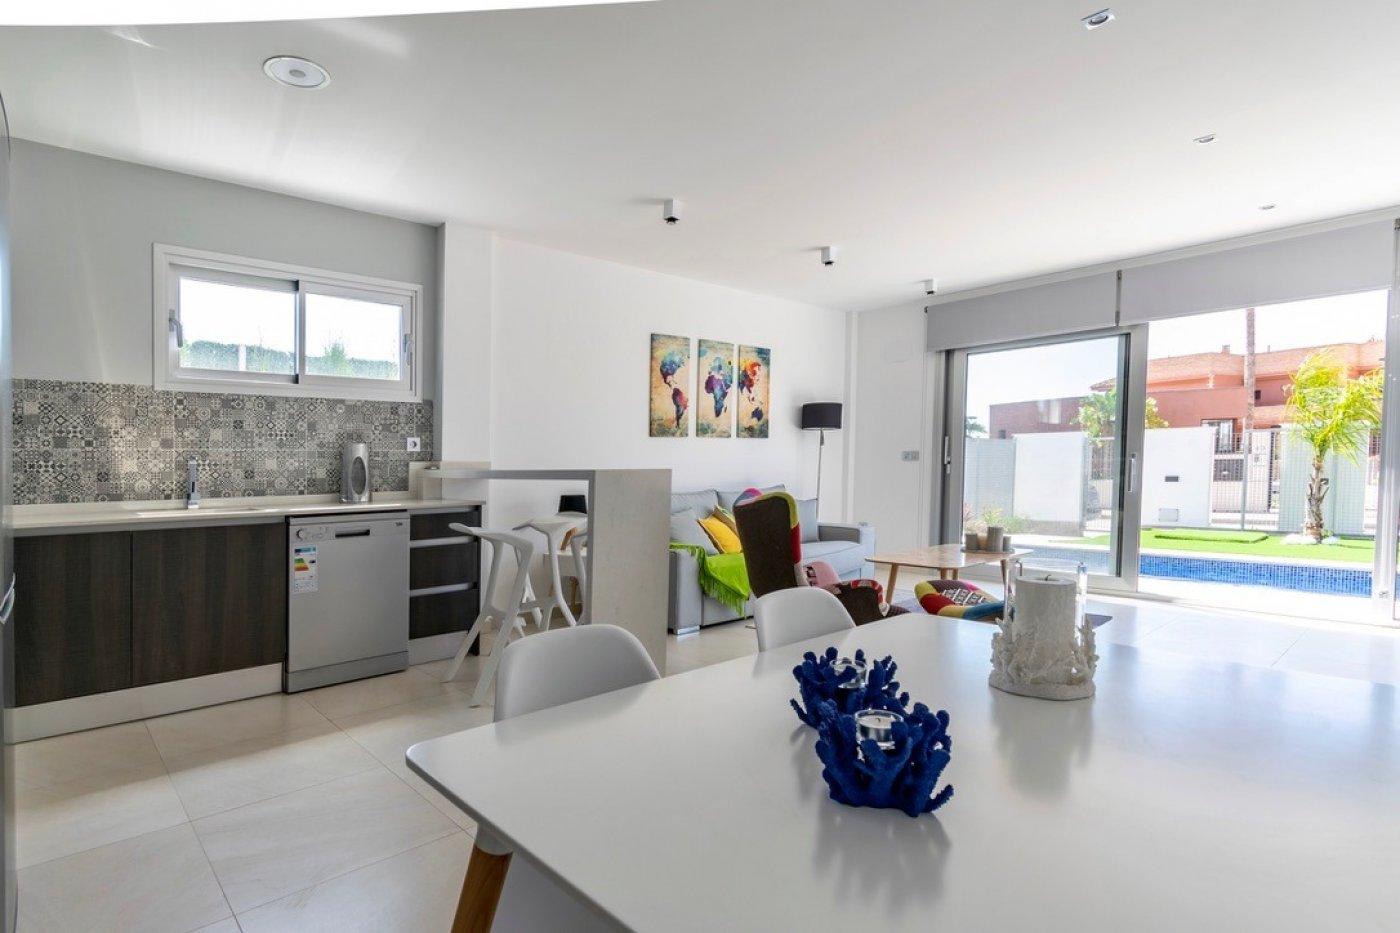 Galleribillede 4 of Super lækker nyopført villa ved strand og golf med egen pool og 25 m2 sol terrasse